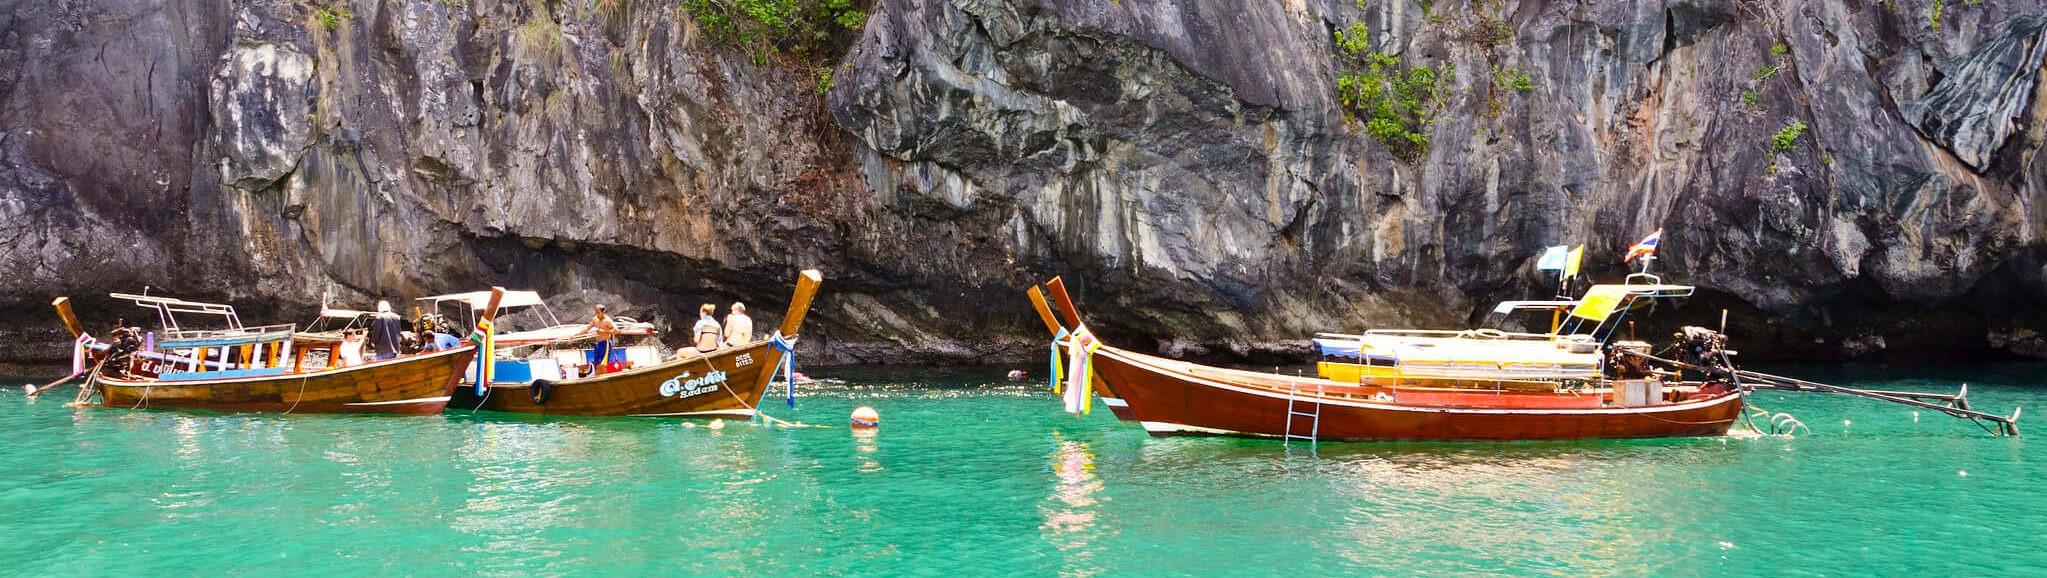 Изумрудная пещера на острове Ко Мук